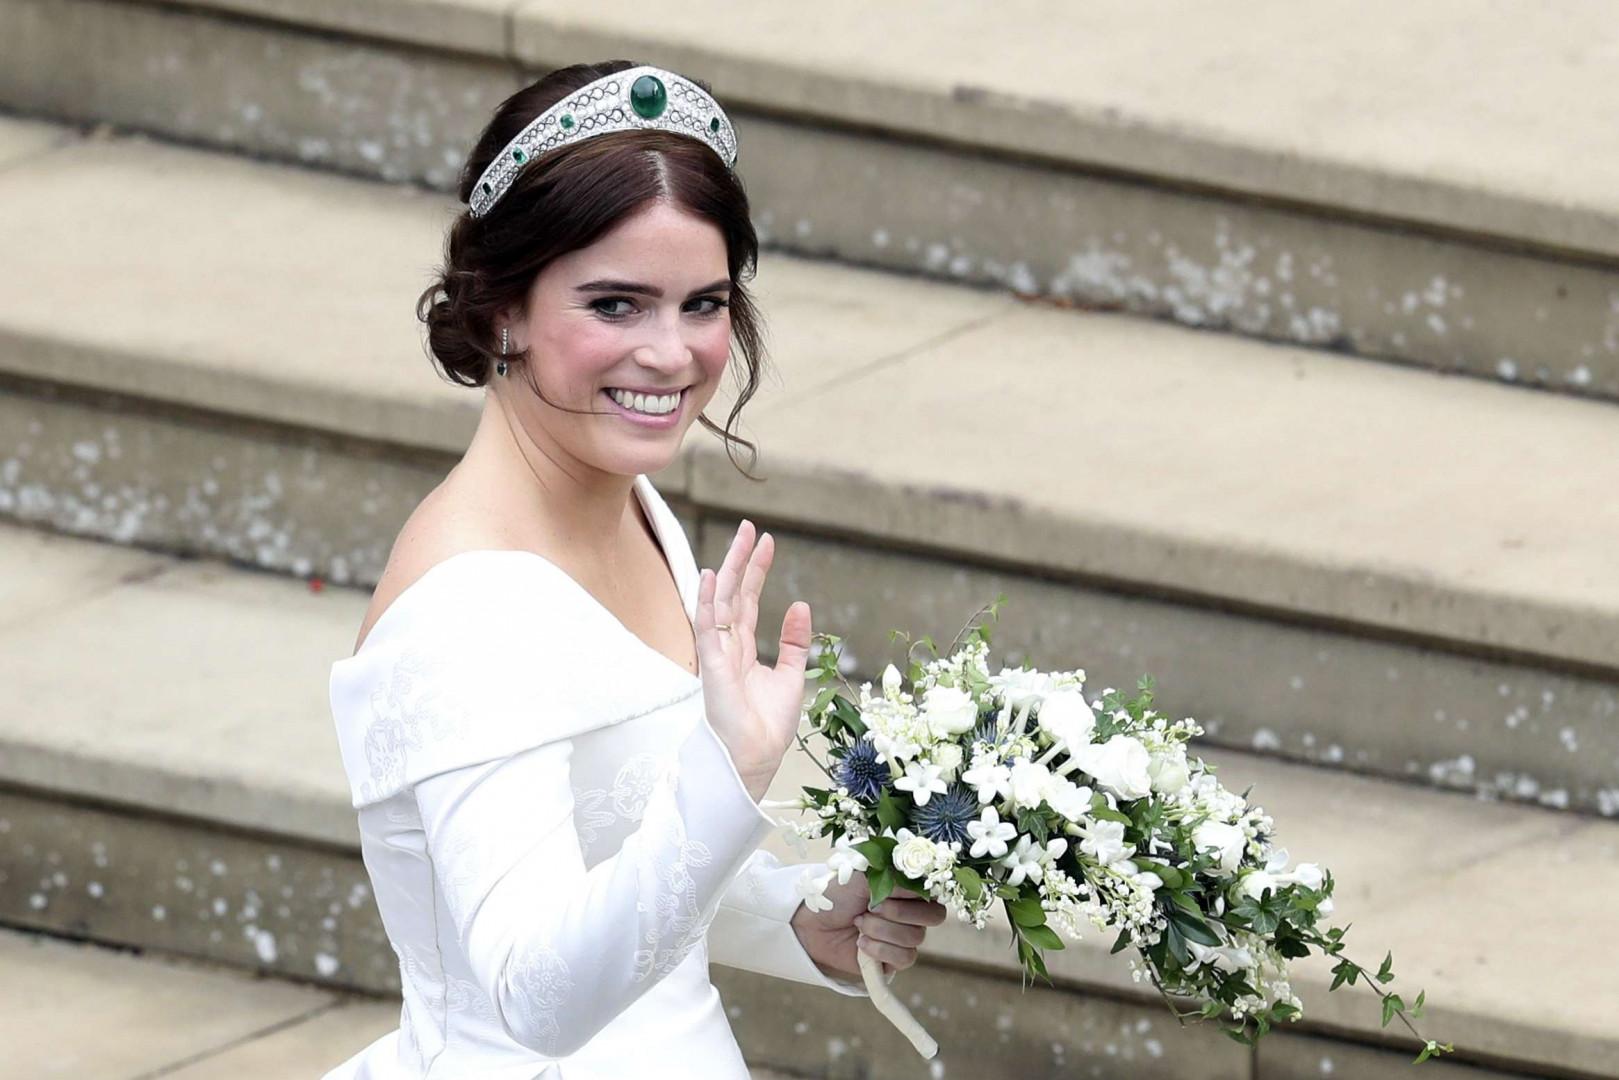 La princesse Eugenie portait un sublime diadème serti d'émeraudes